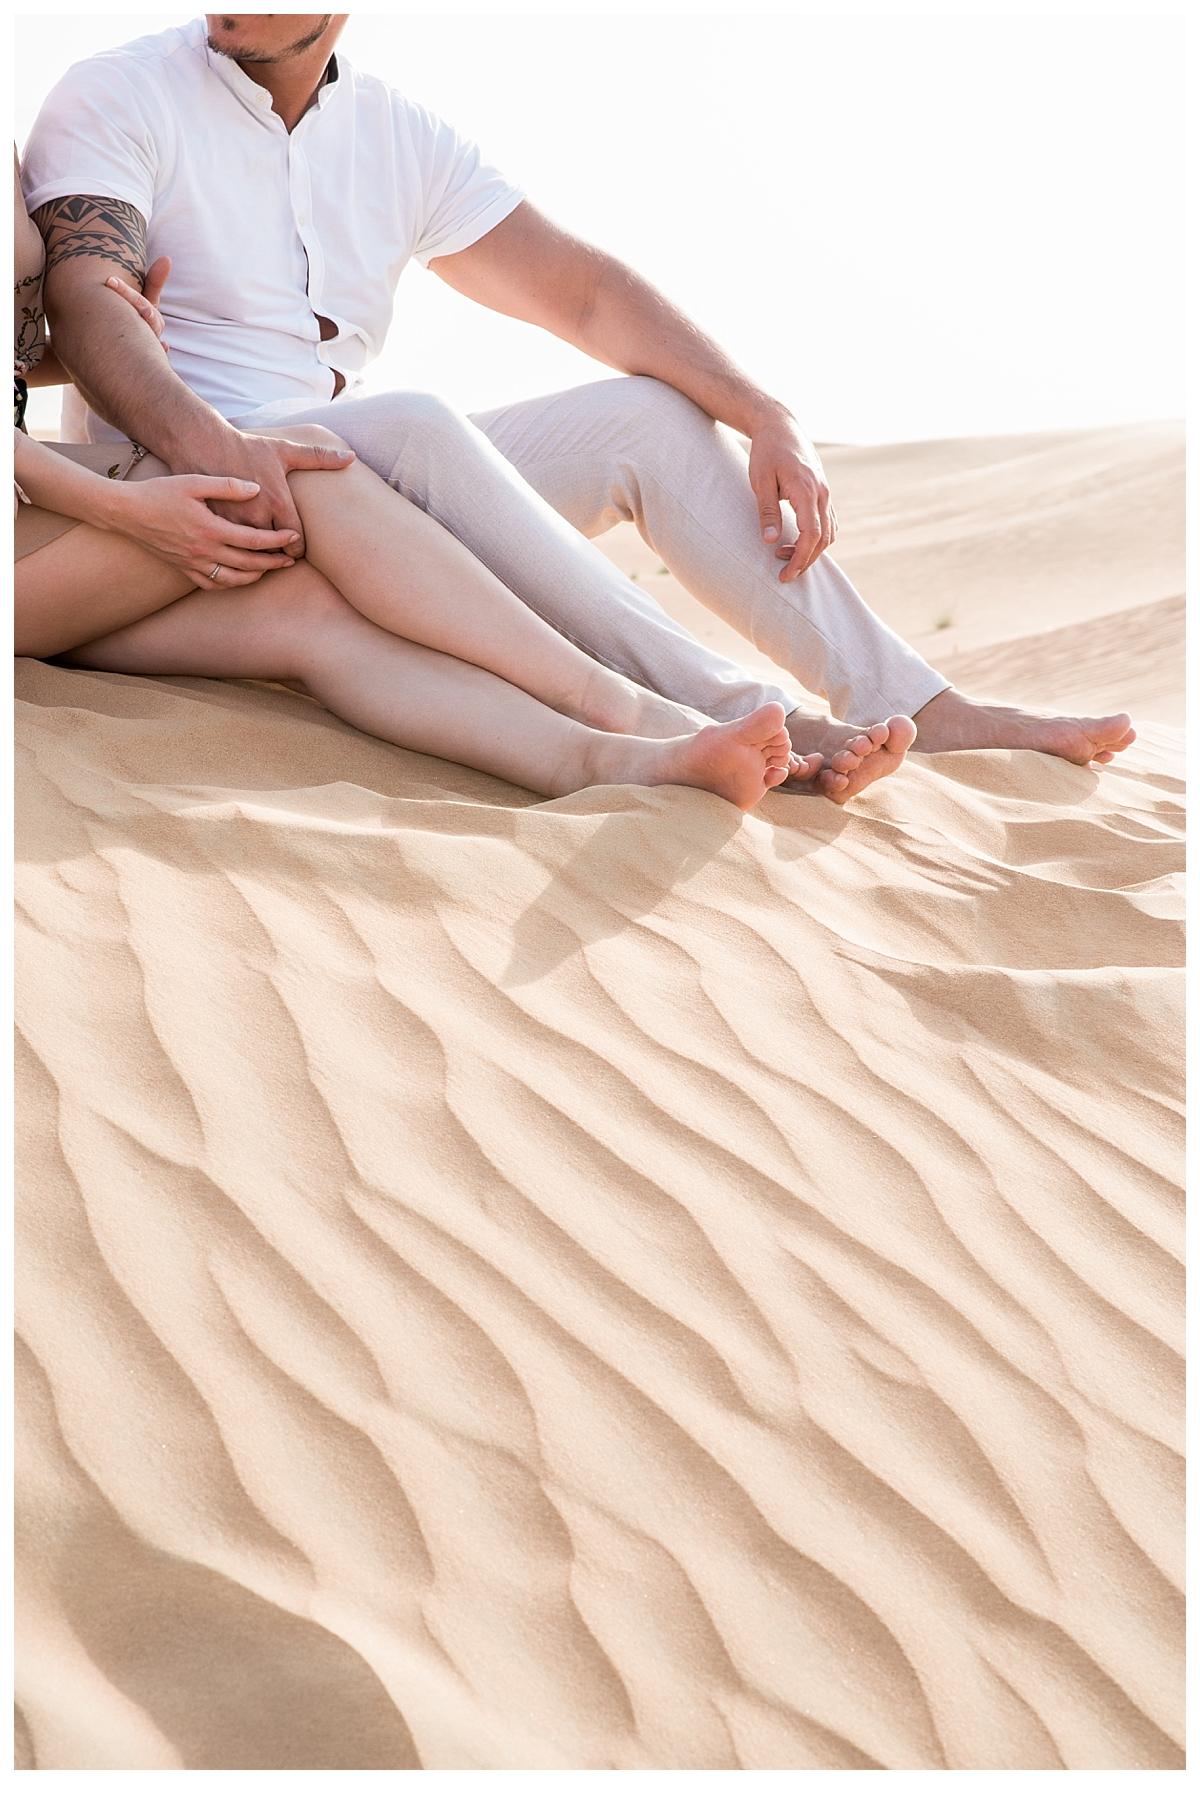 Dubai_enagagement_photographer10